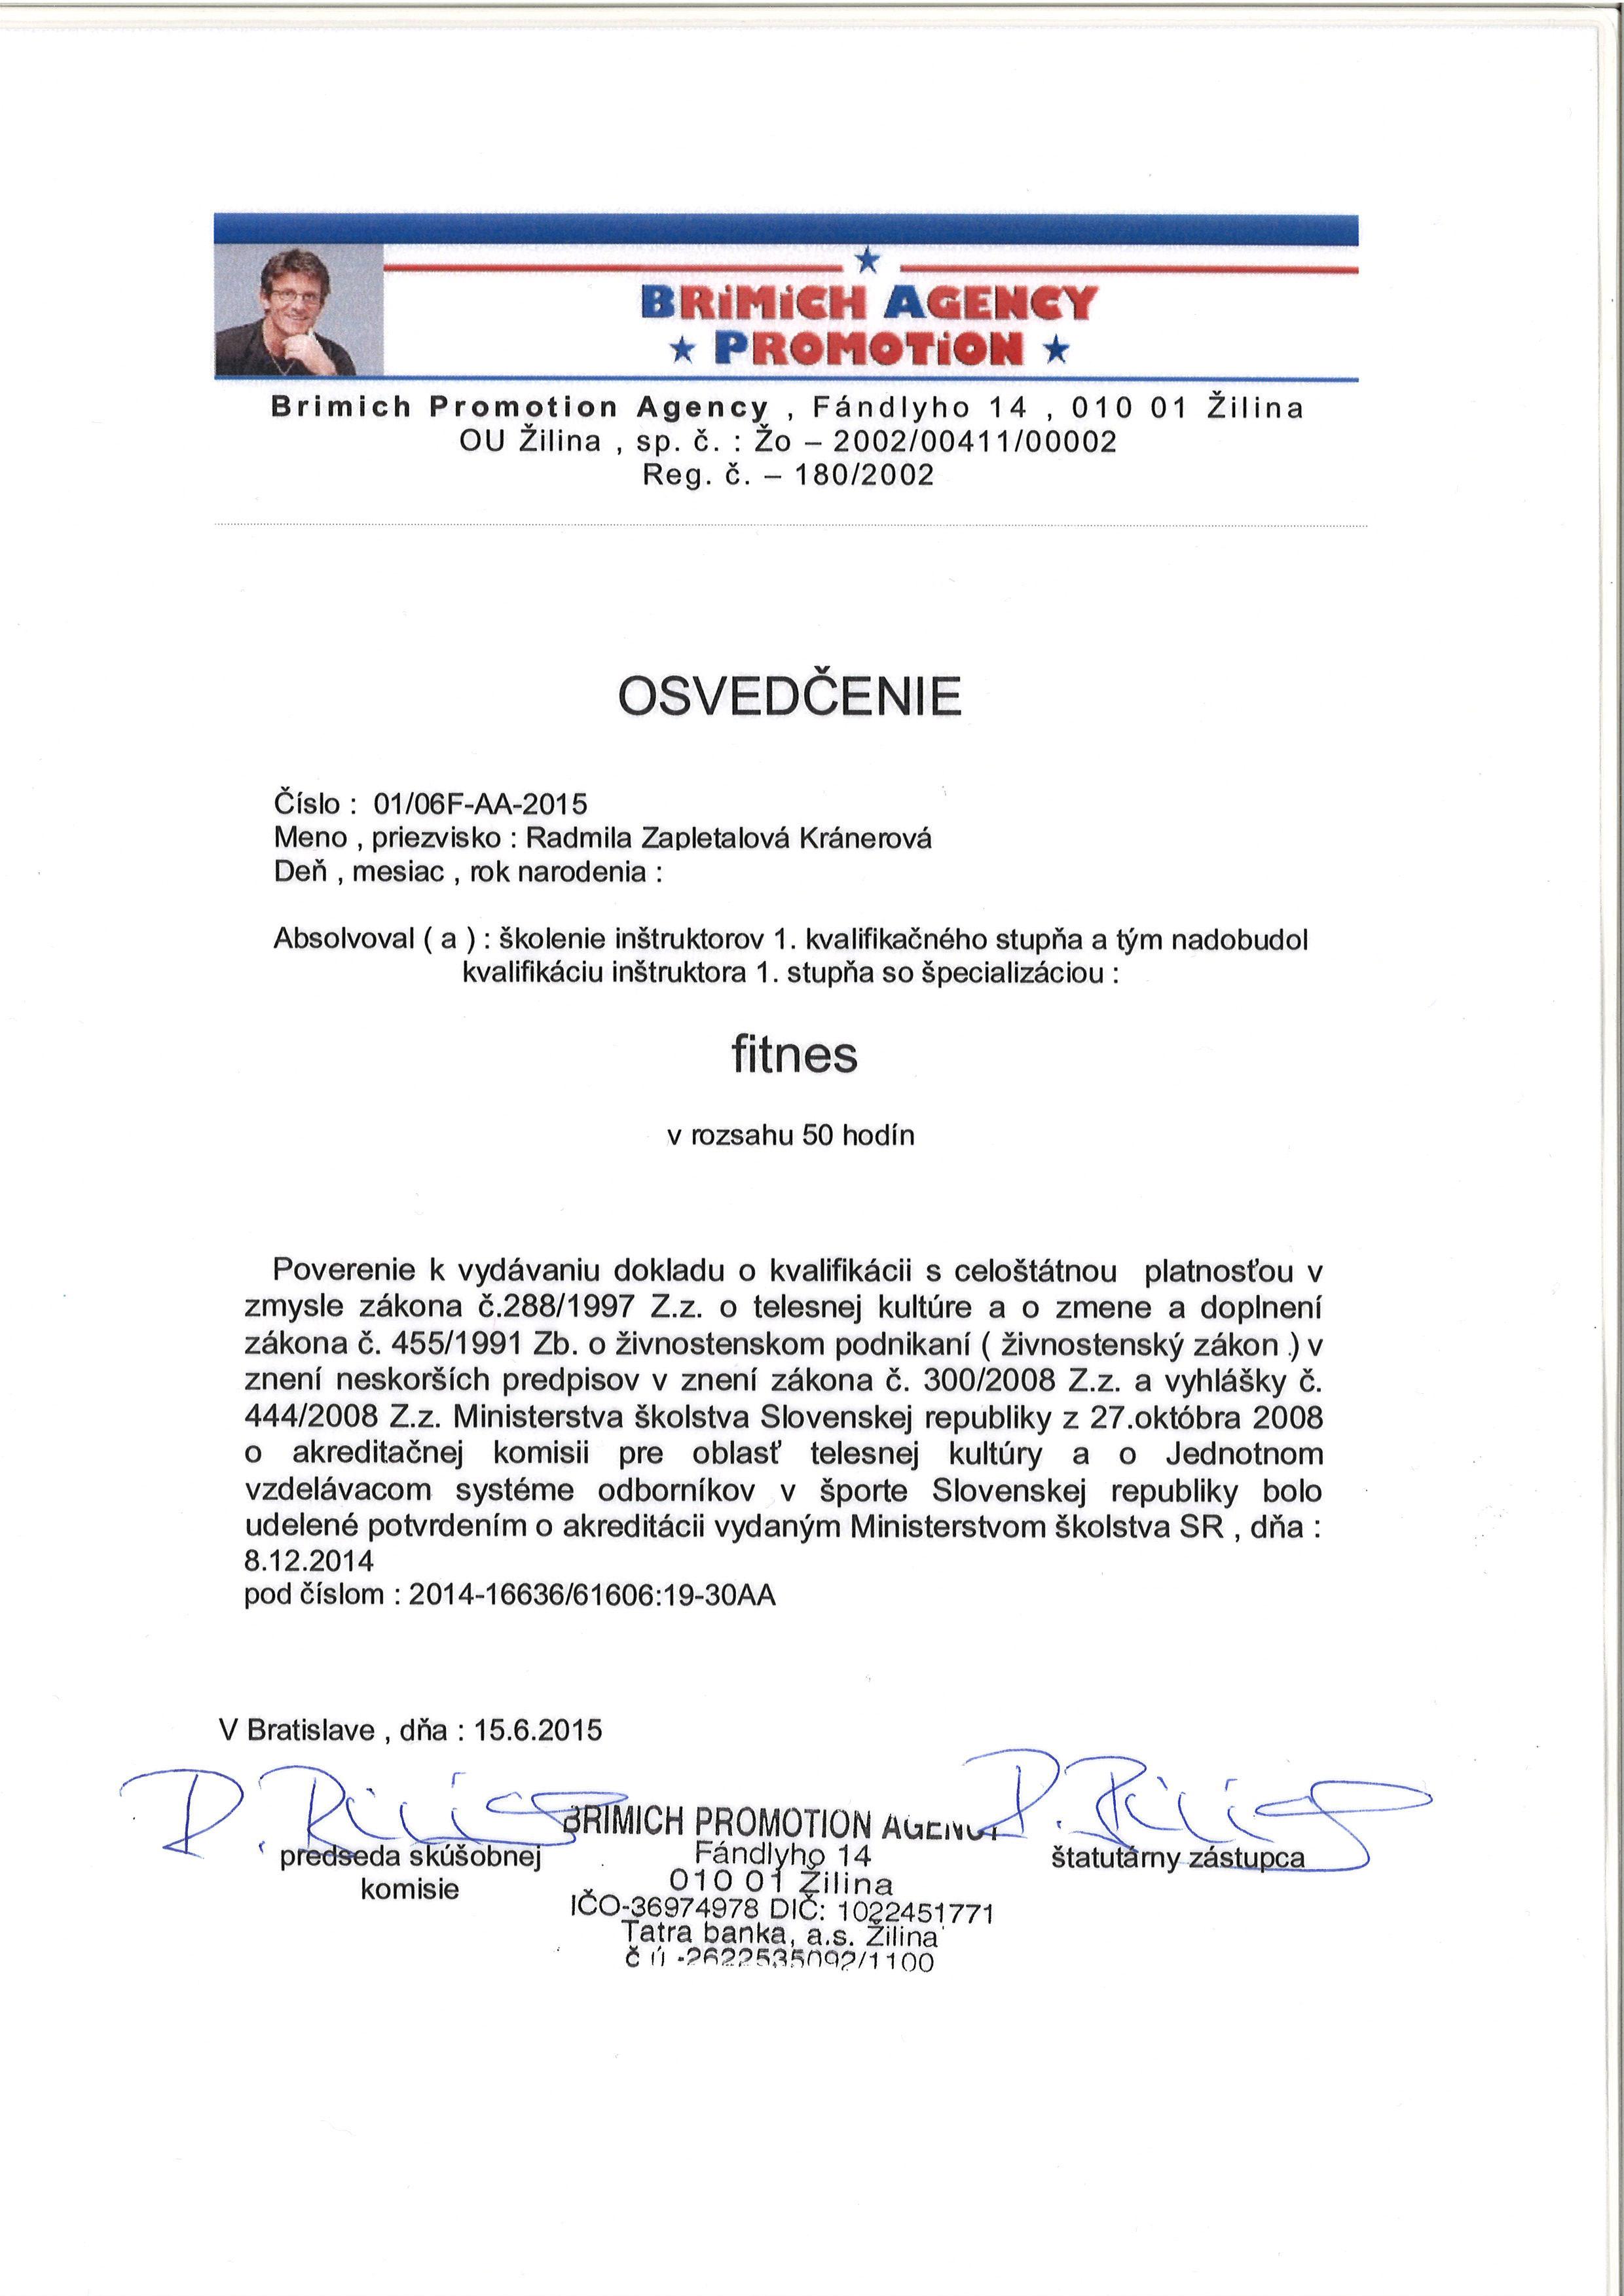 certifikaty-radmila-zapletalova-kranerova-01